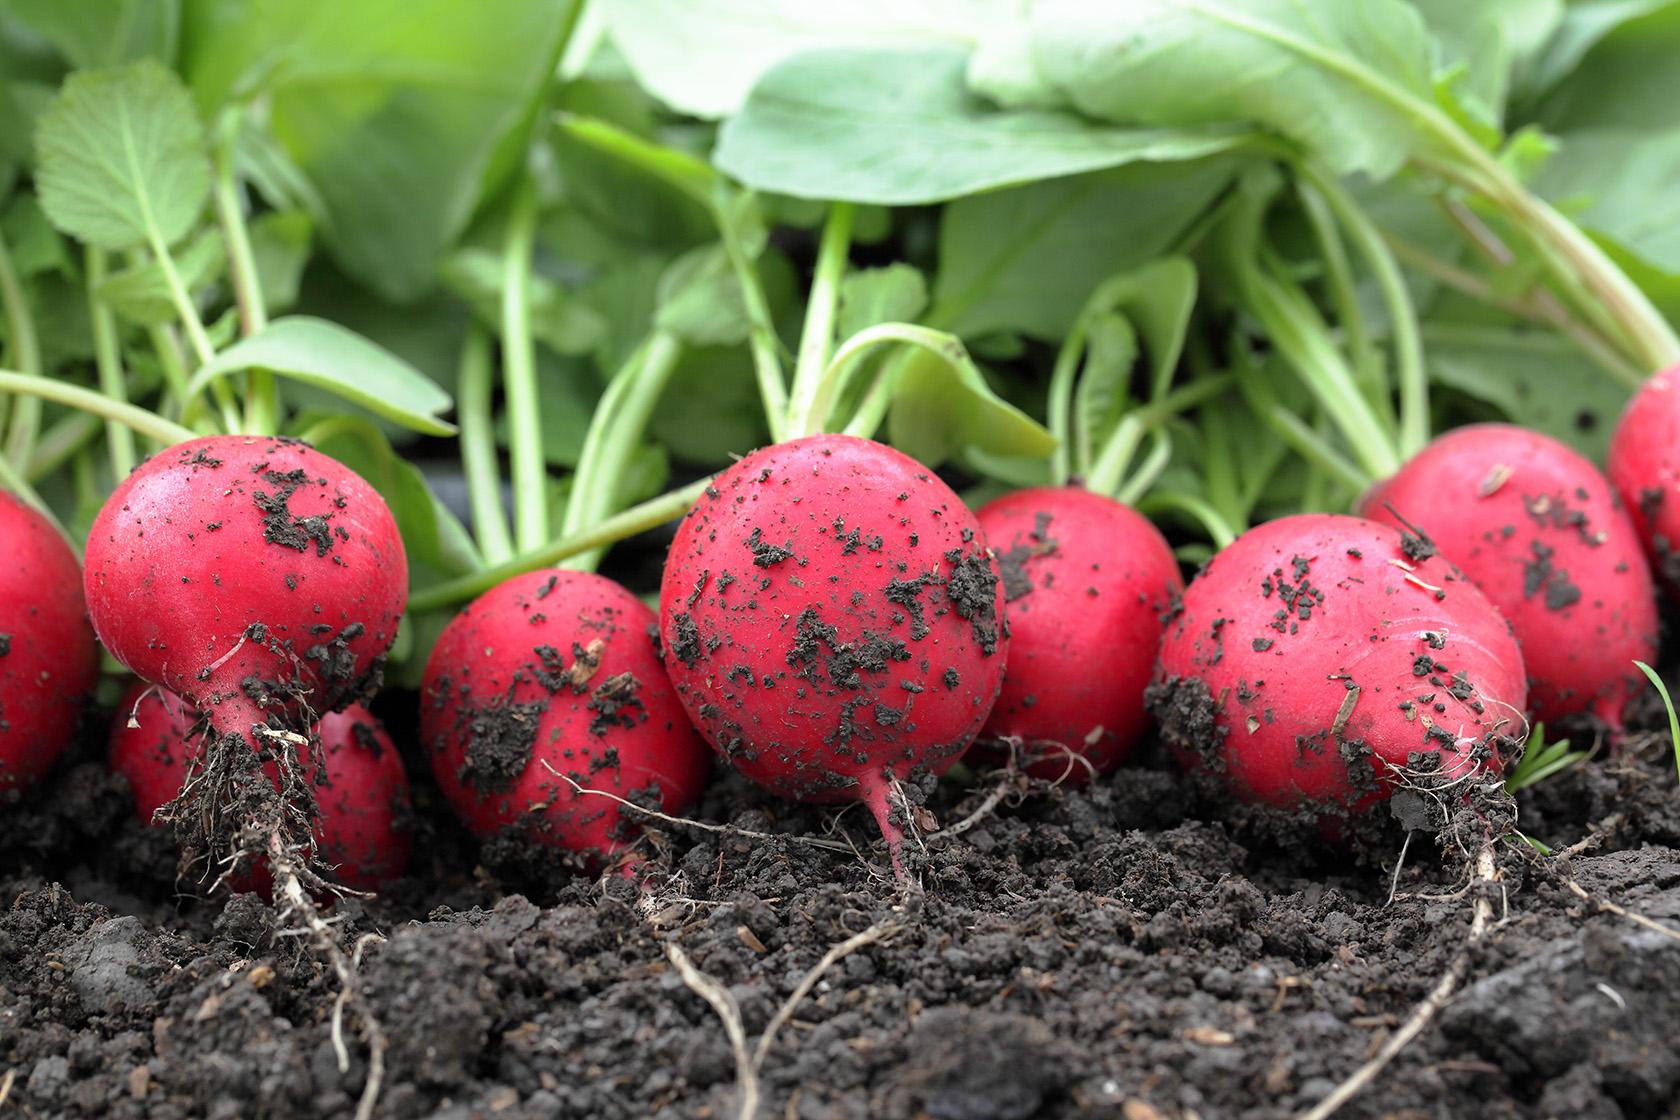 Редис на подоконнике к 8 Марта! — интернет магазин товаров для сада и  огорода ТД Лето 🌿